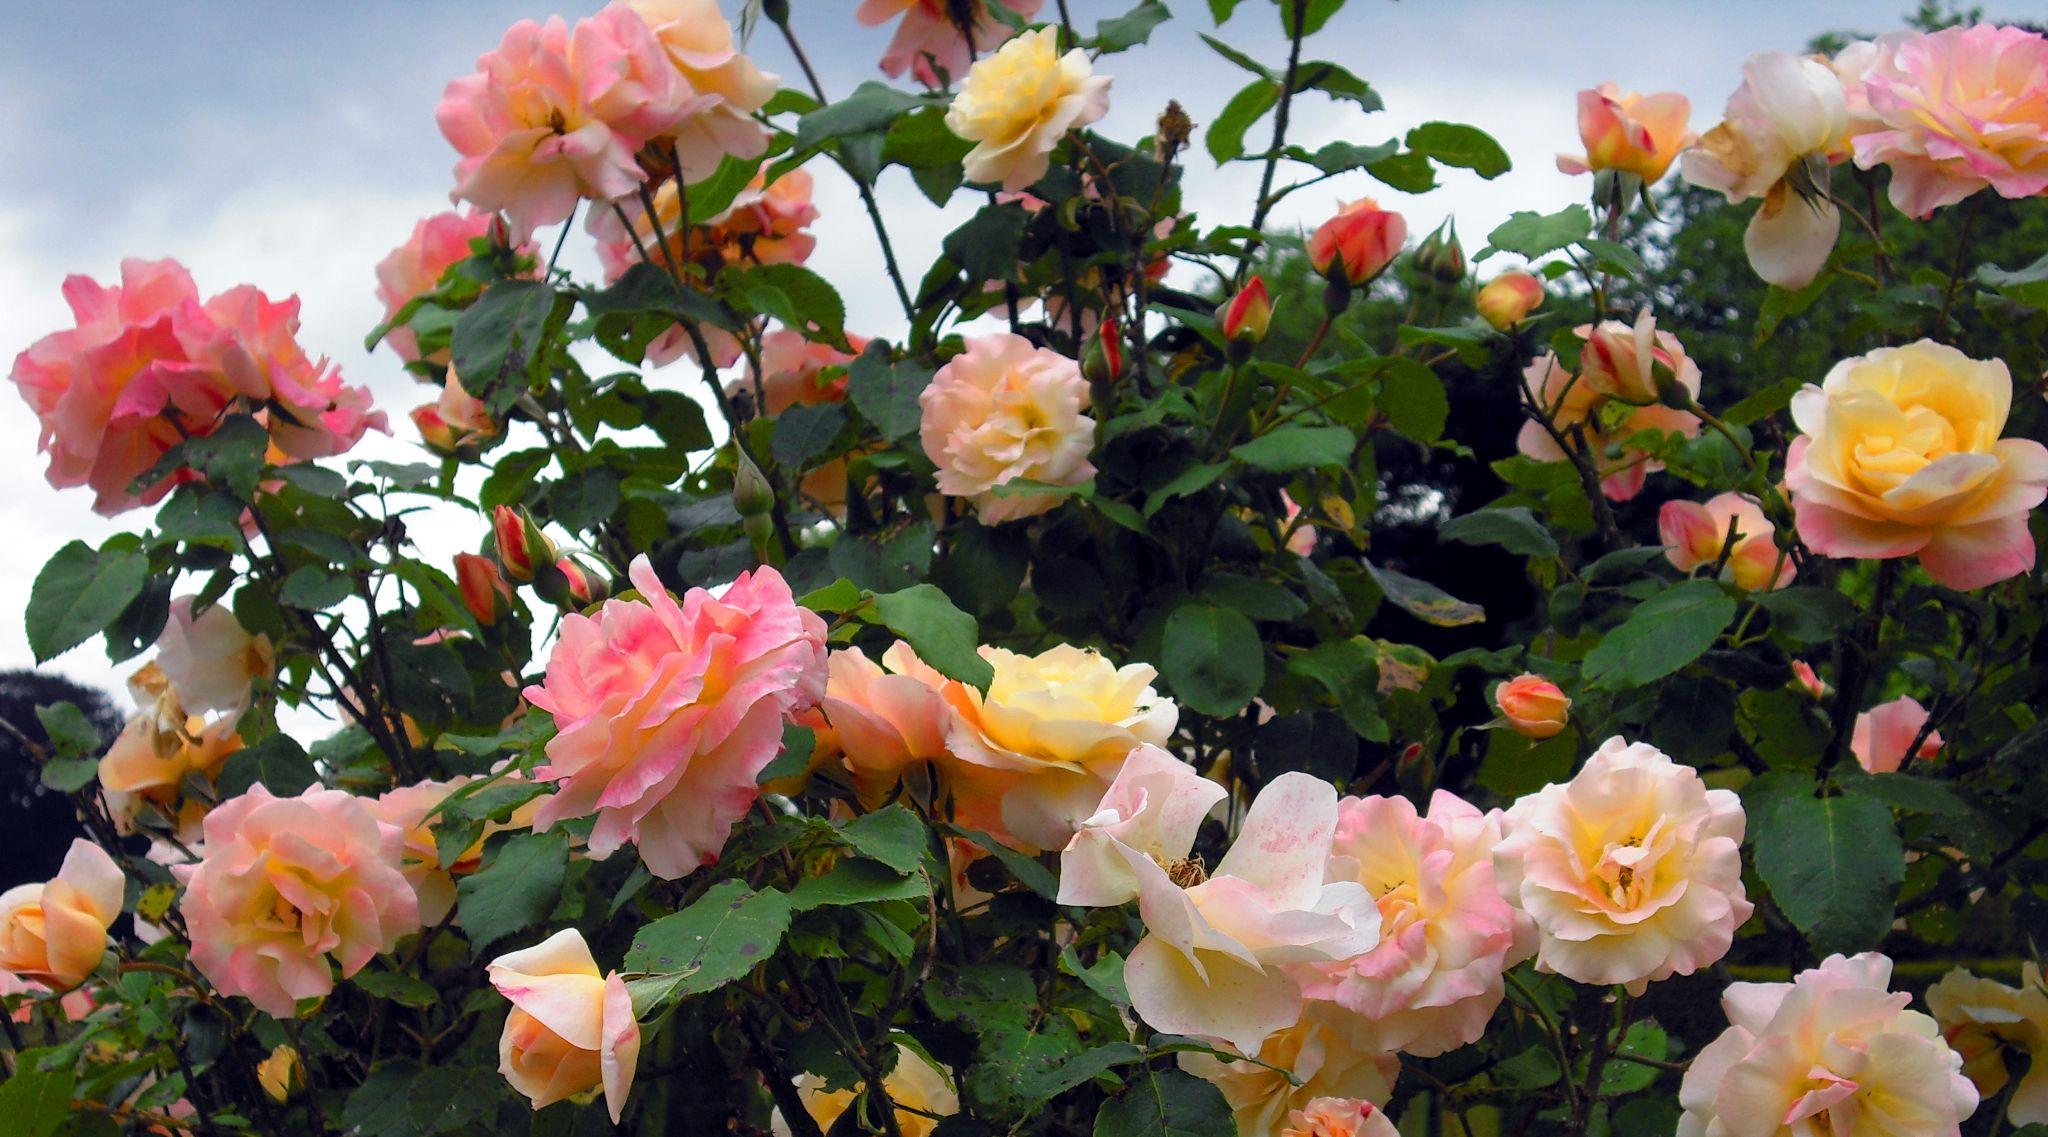 Les rosiers du parc de Ferrières by Blueanna